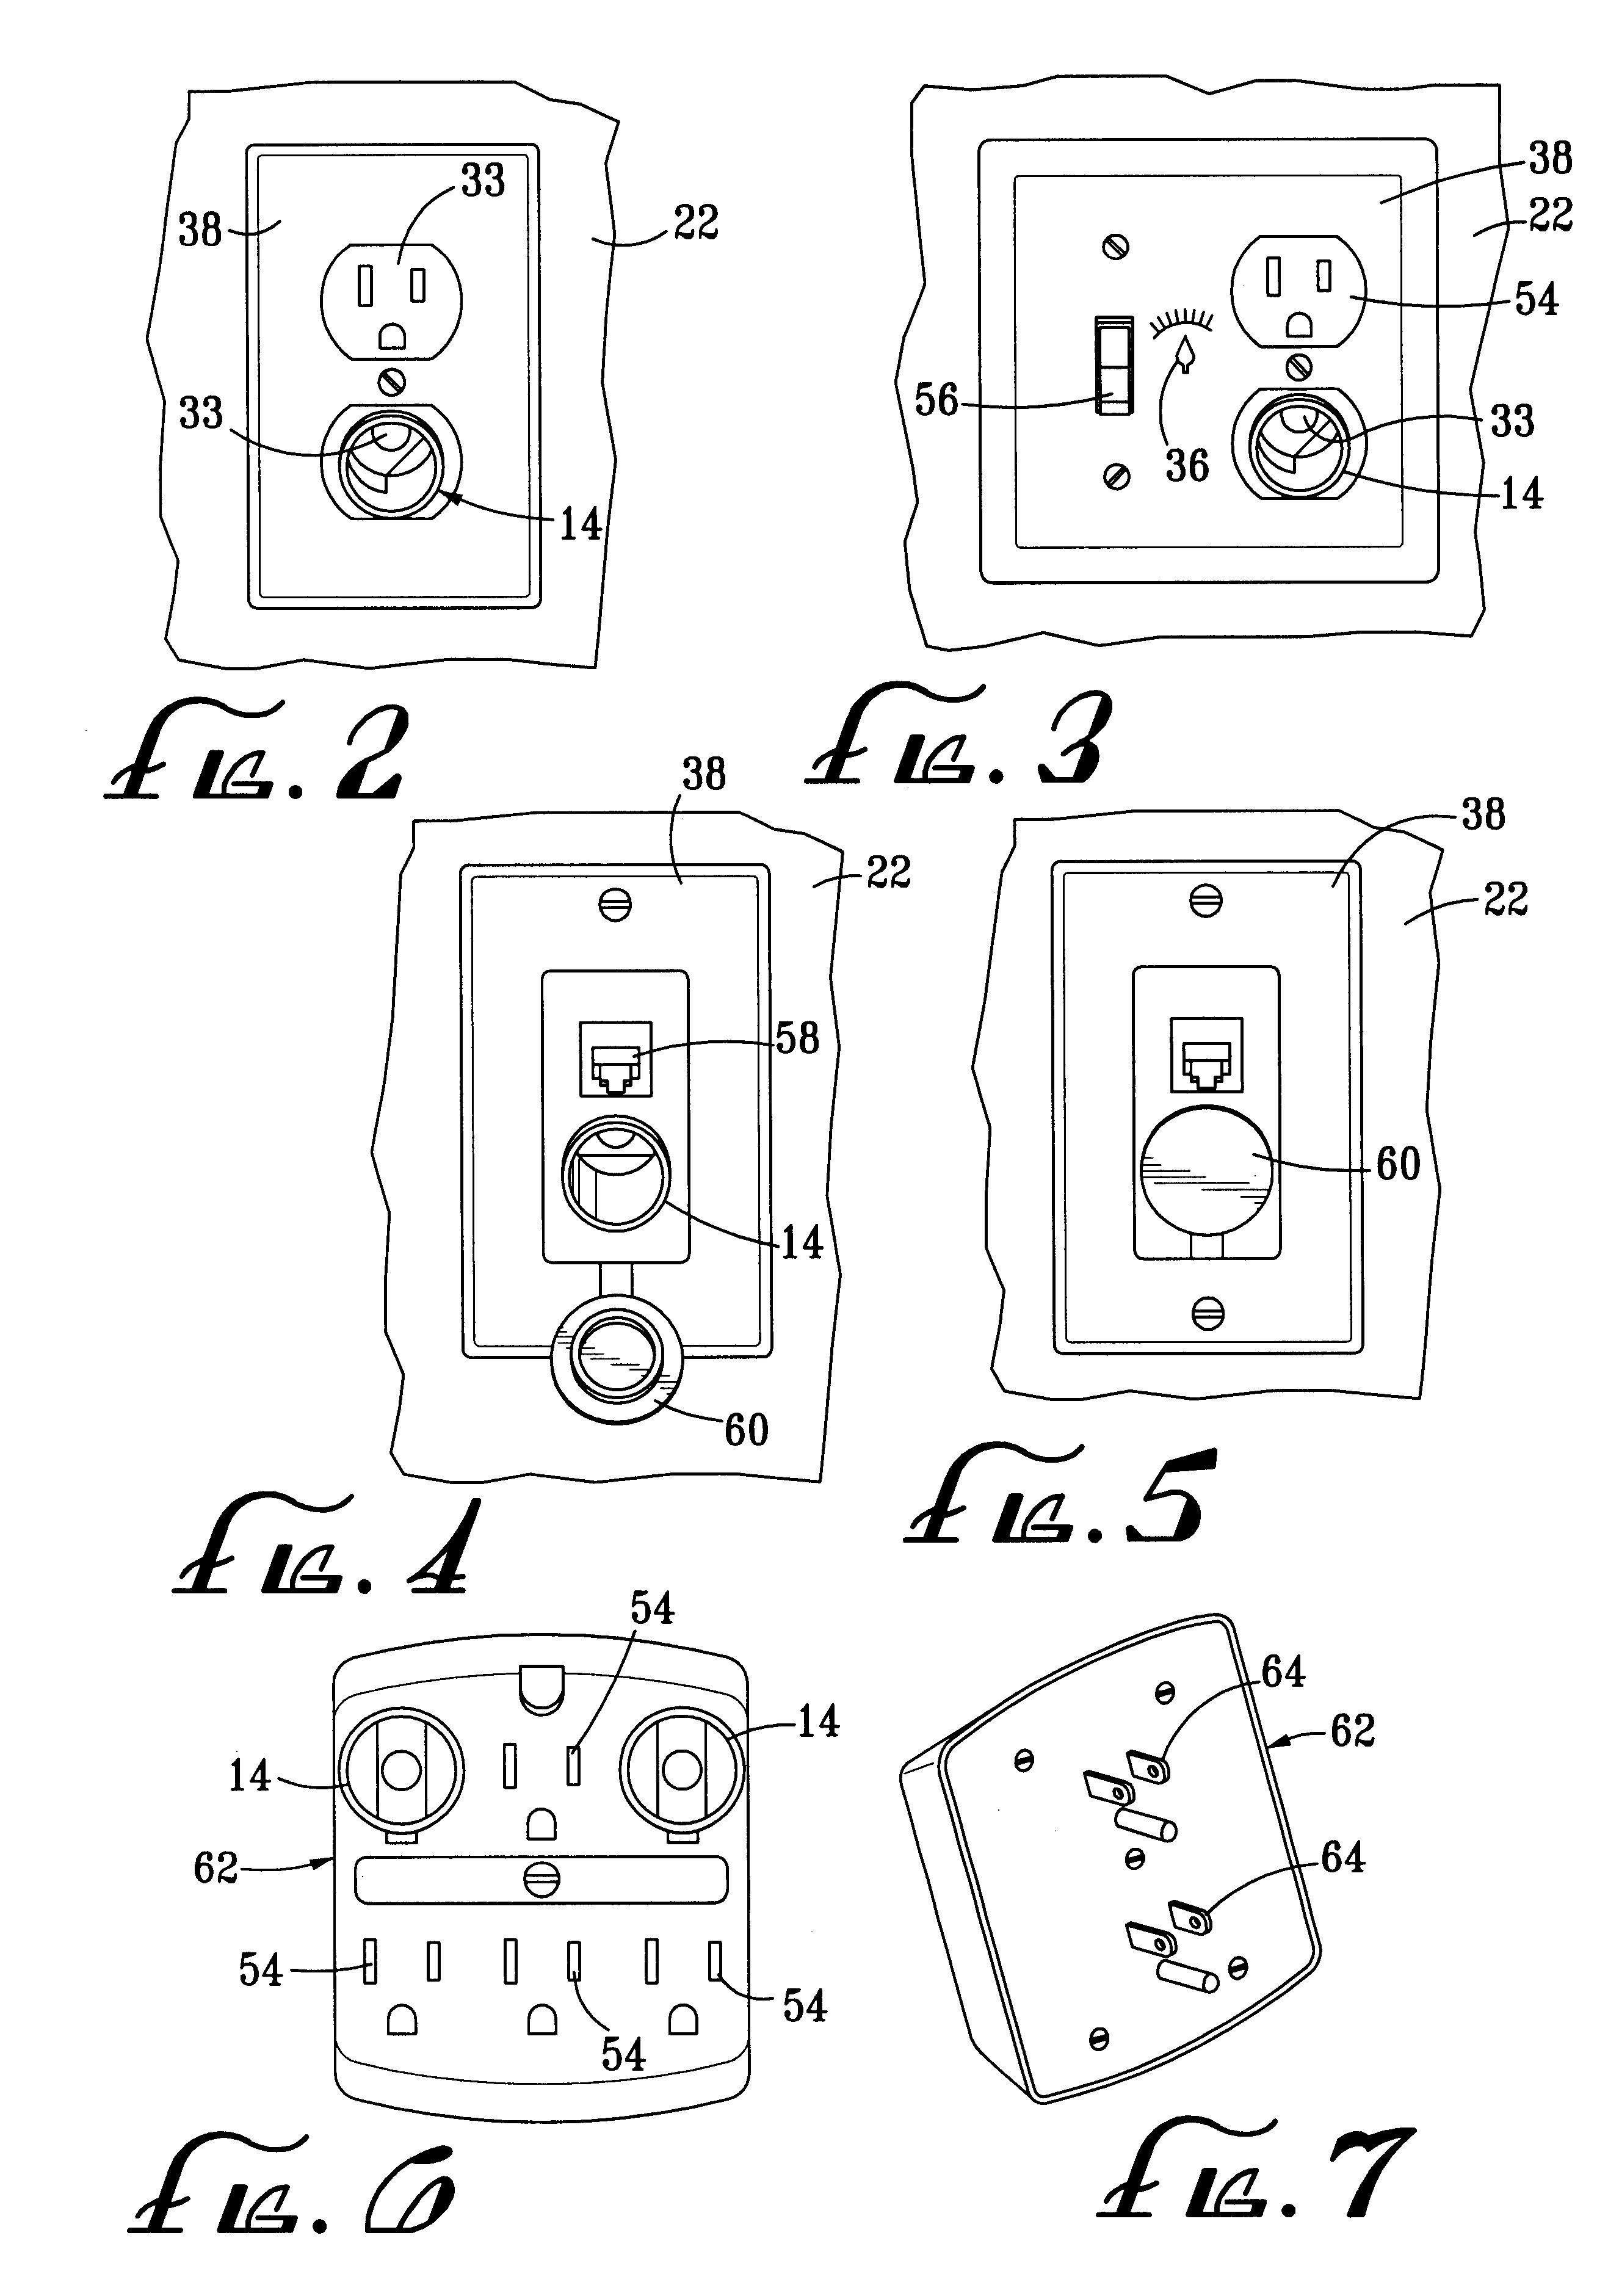 patent us6362987